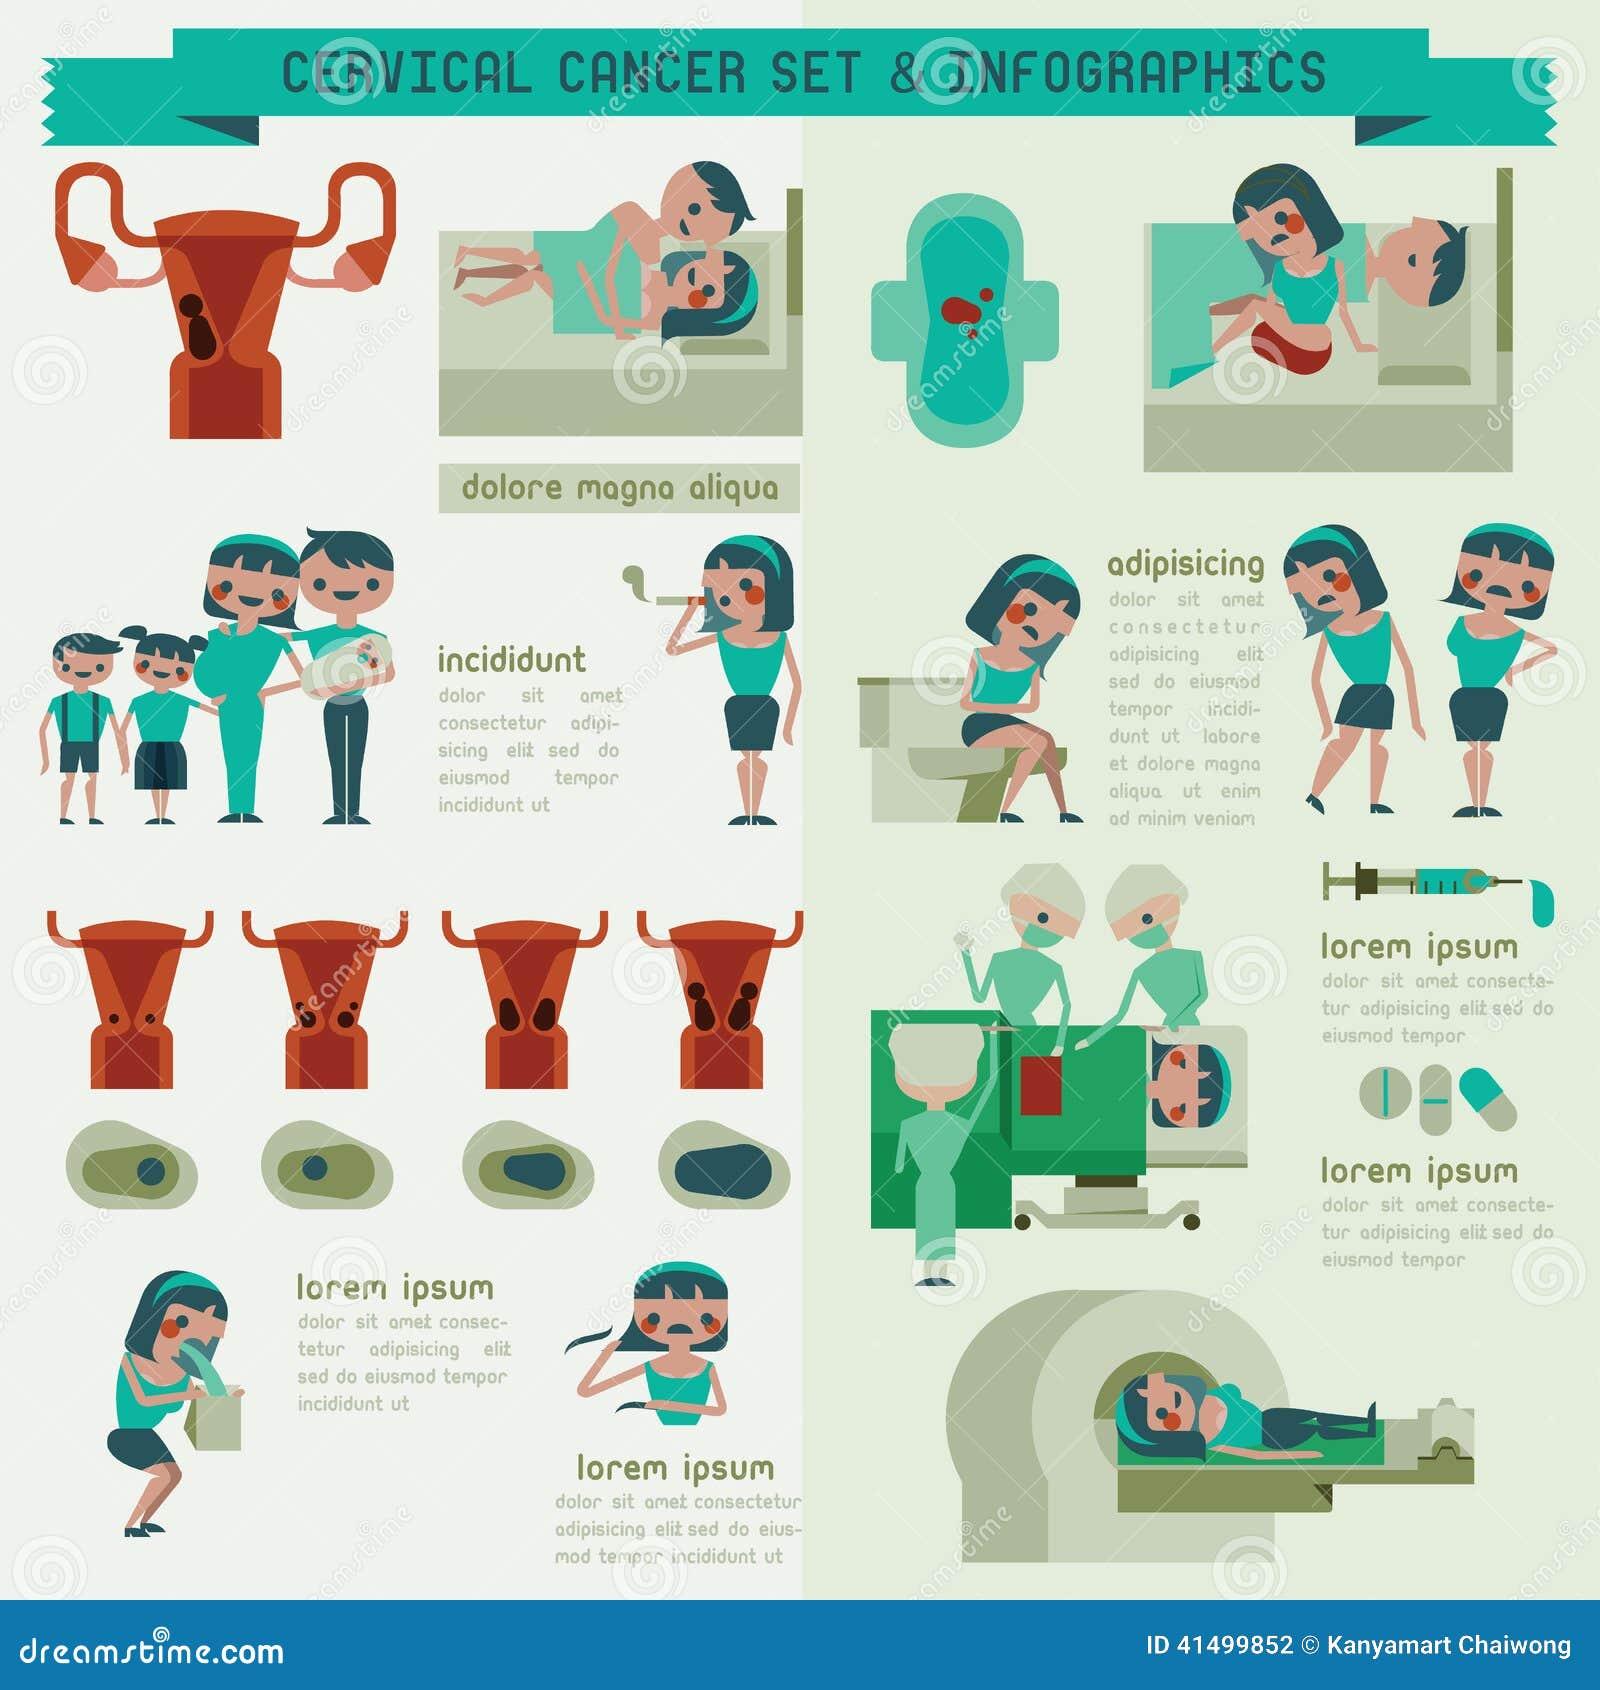 Uppsättning- och informationsdiagram om cervikal cancer